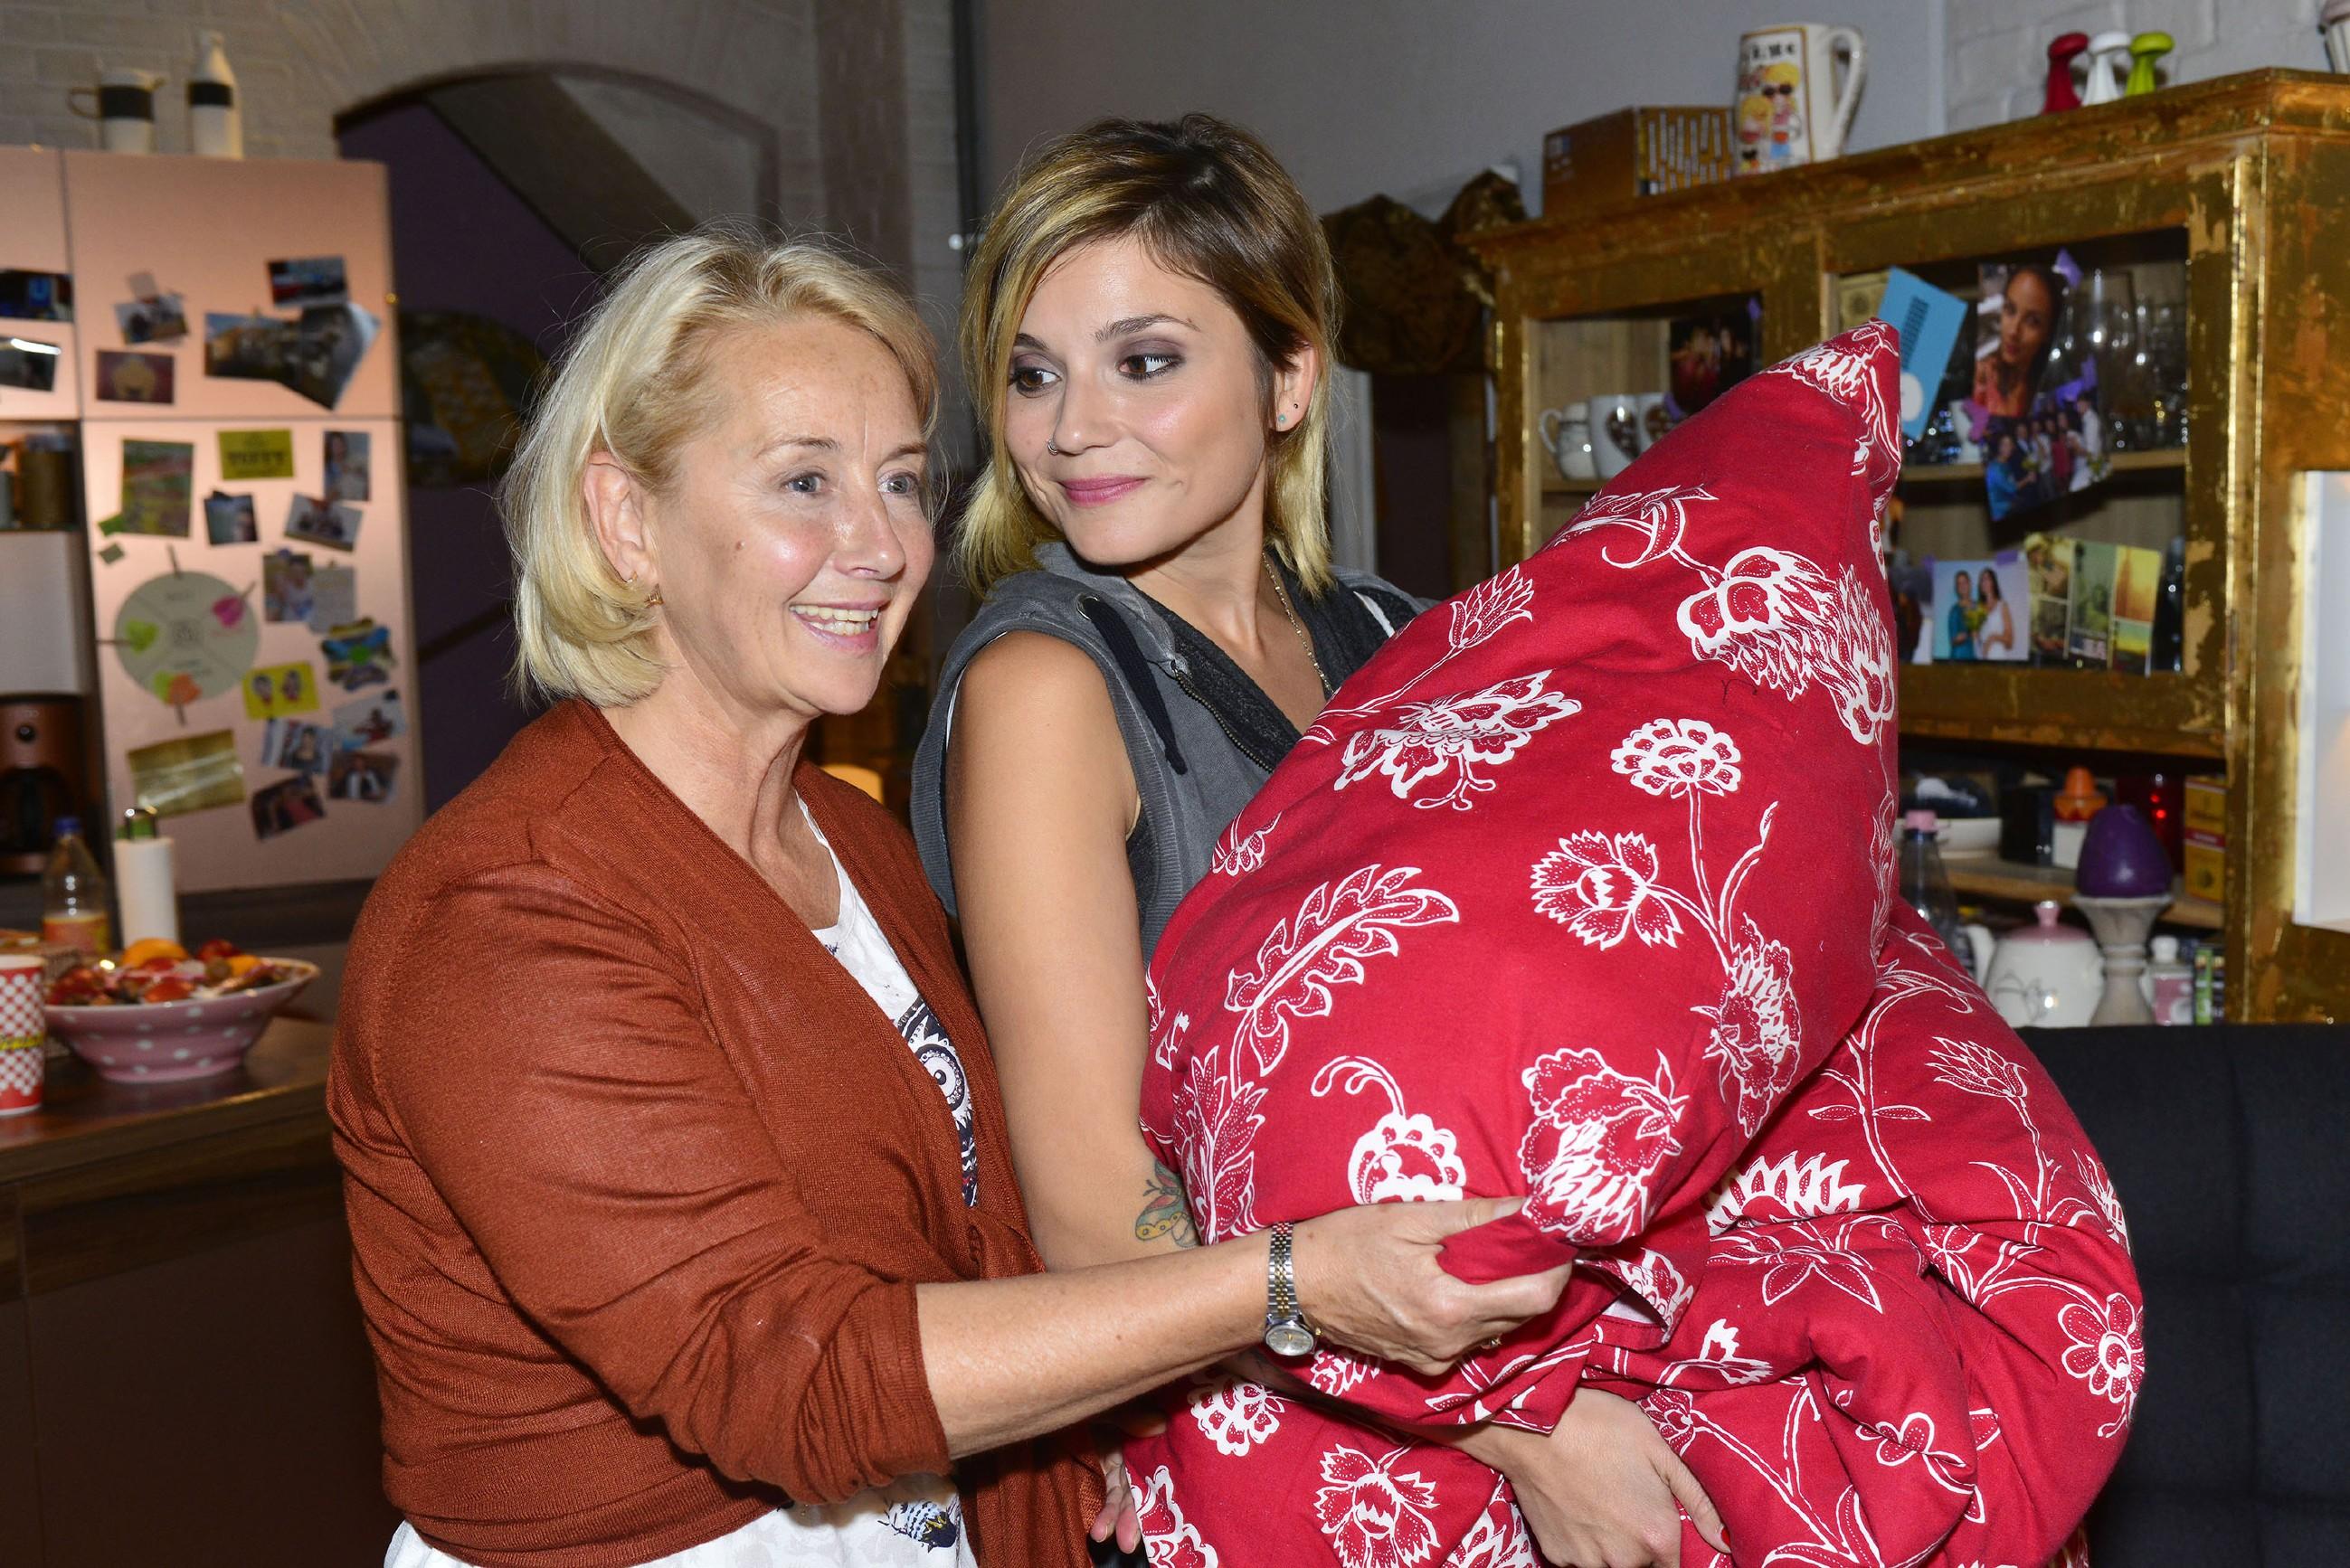 Anni (Linda Marlen Runge, r.) bietet ihrer Mutter Christel (Imke Büchel) an, bei ihr in der WG zu übernachten. (Quelle: RTL / Rolf Baumgartner)